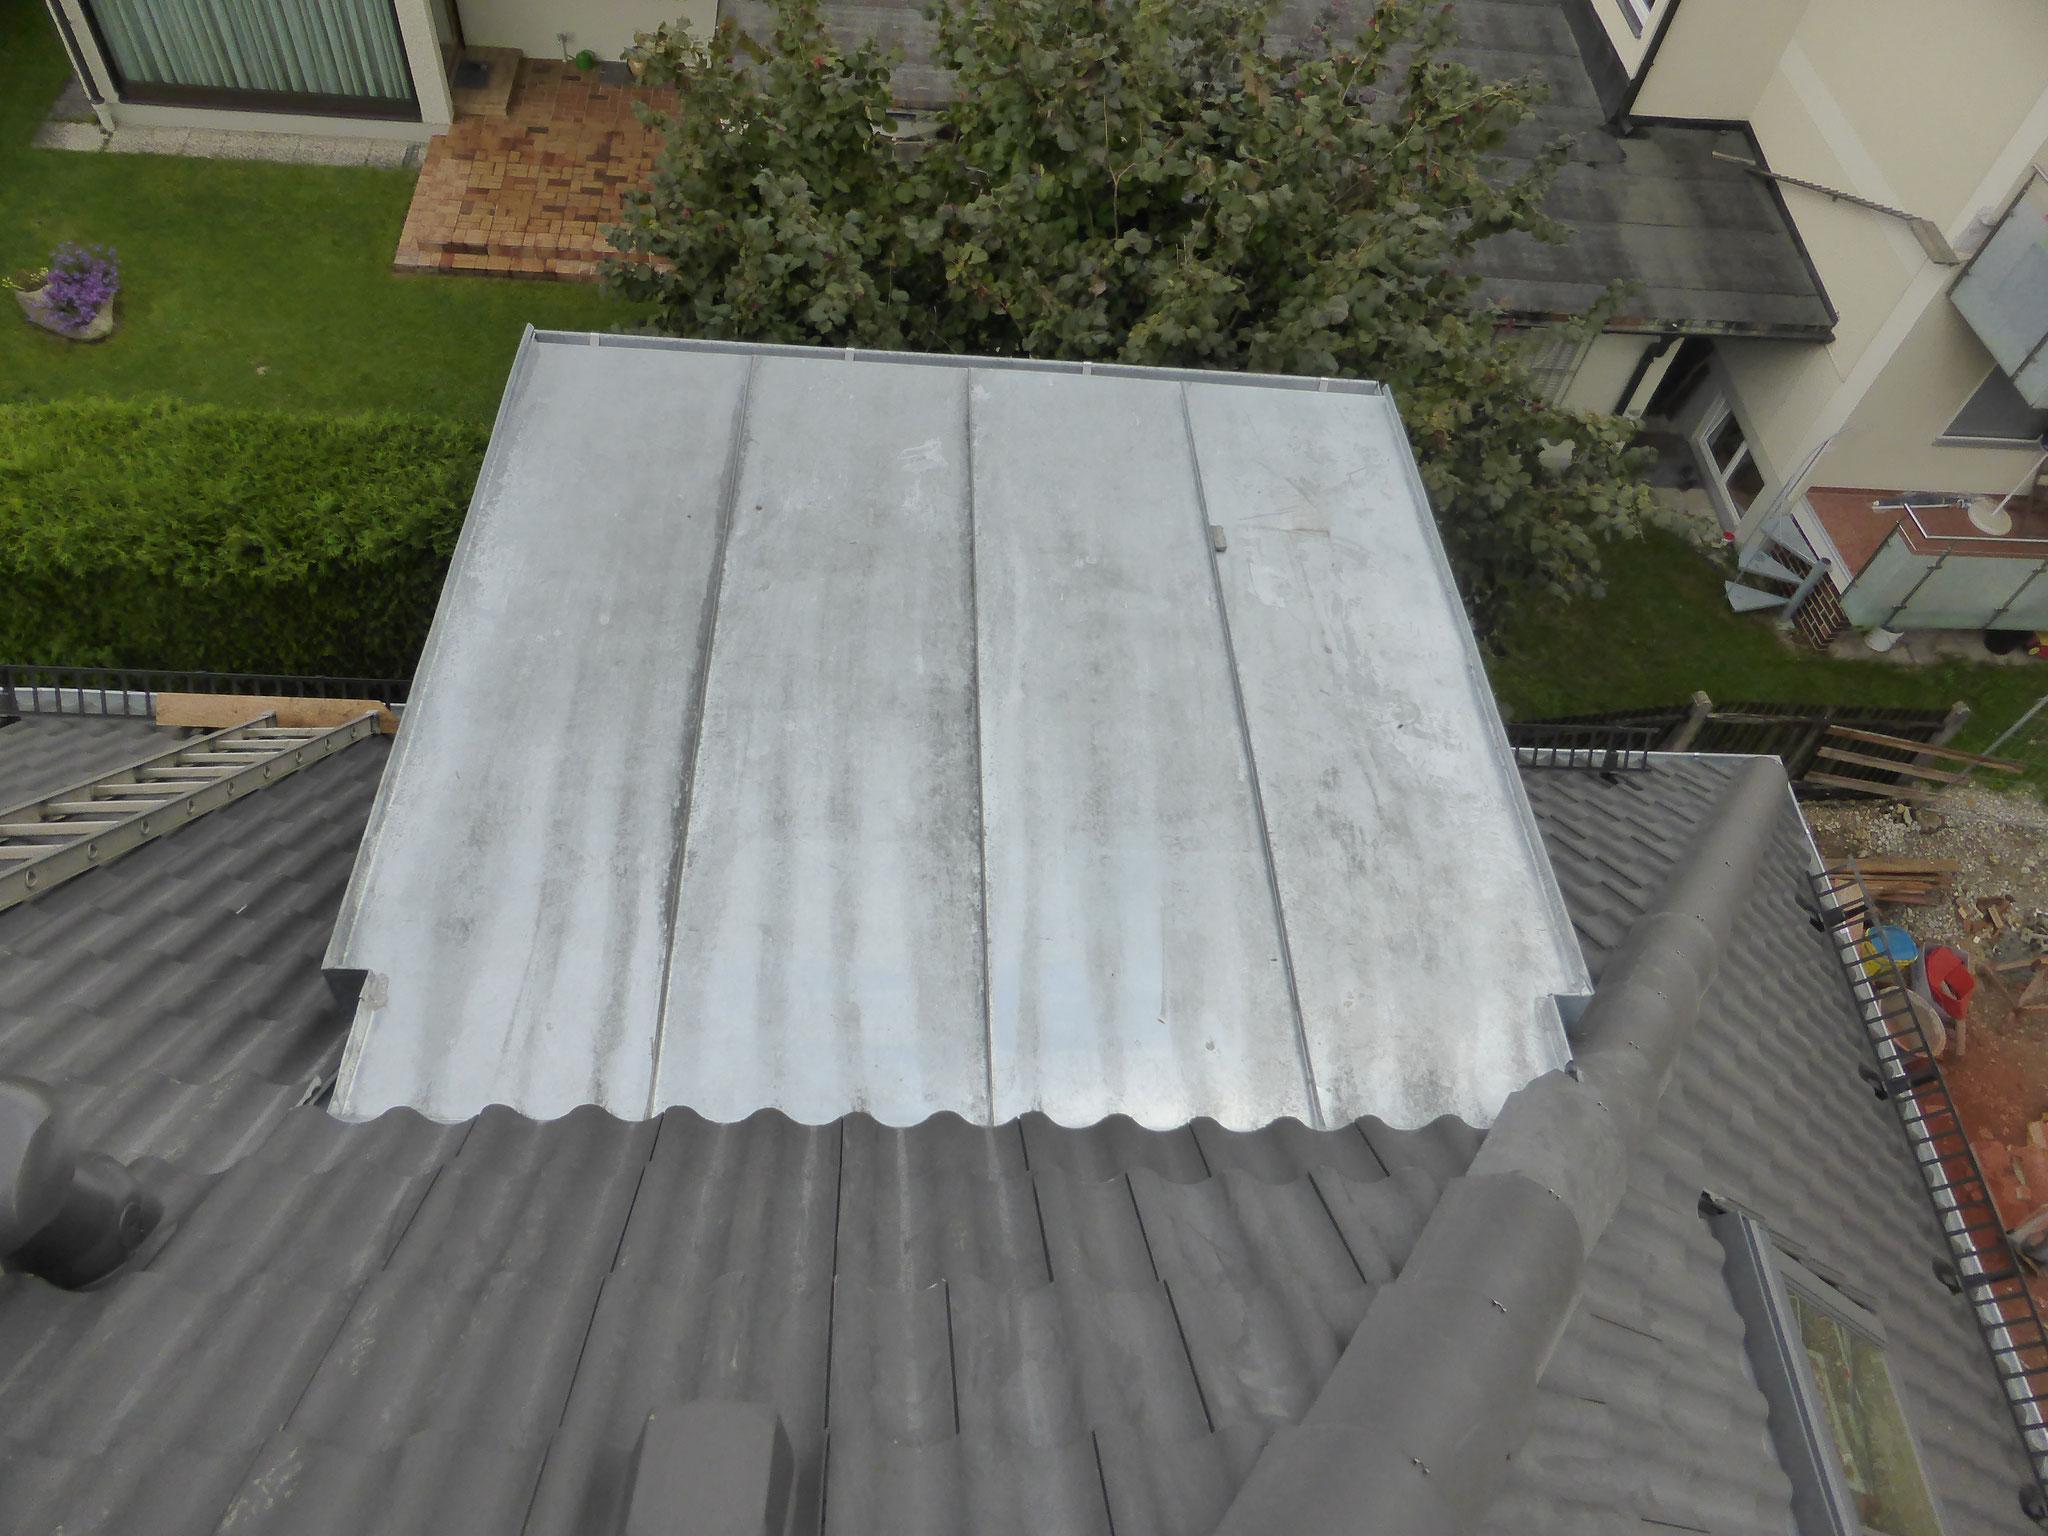 Dachgaube mit Titanzinkdach im Ziegeldach